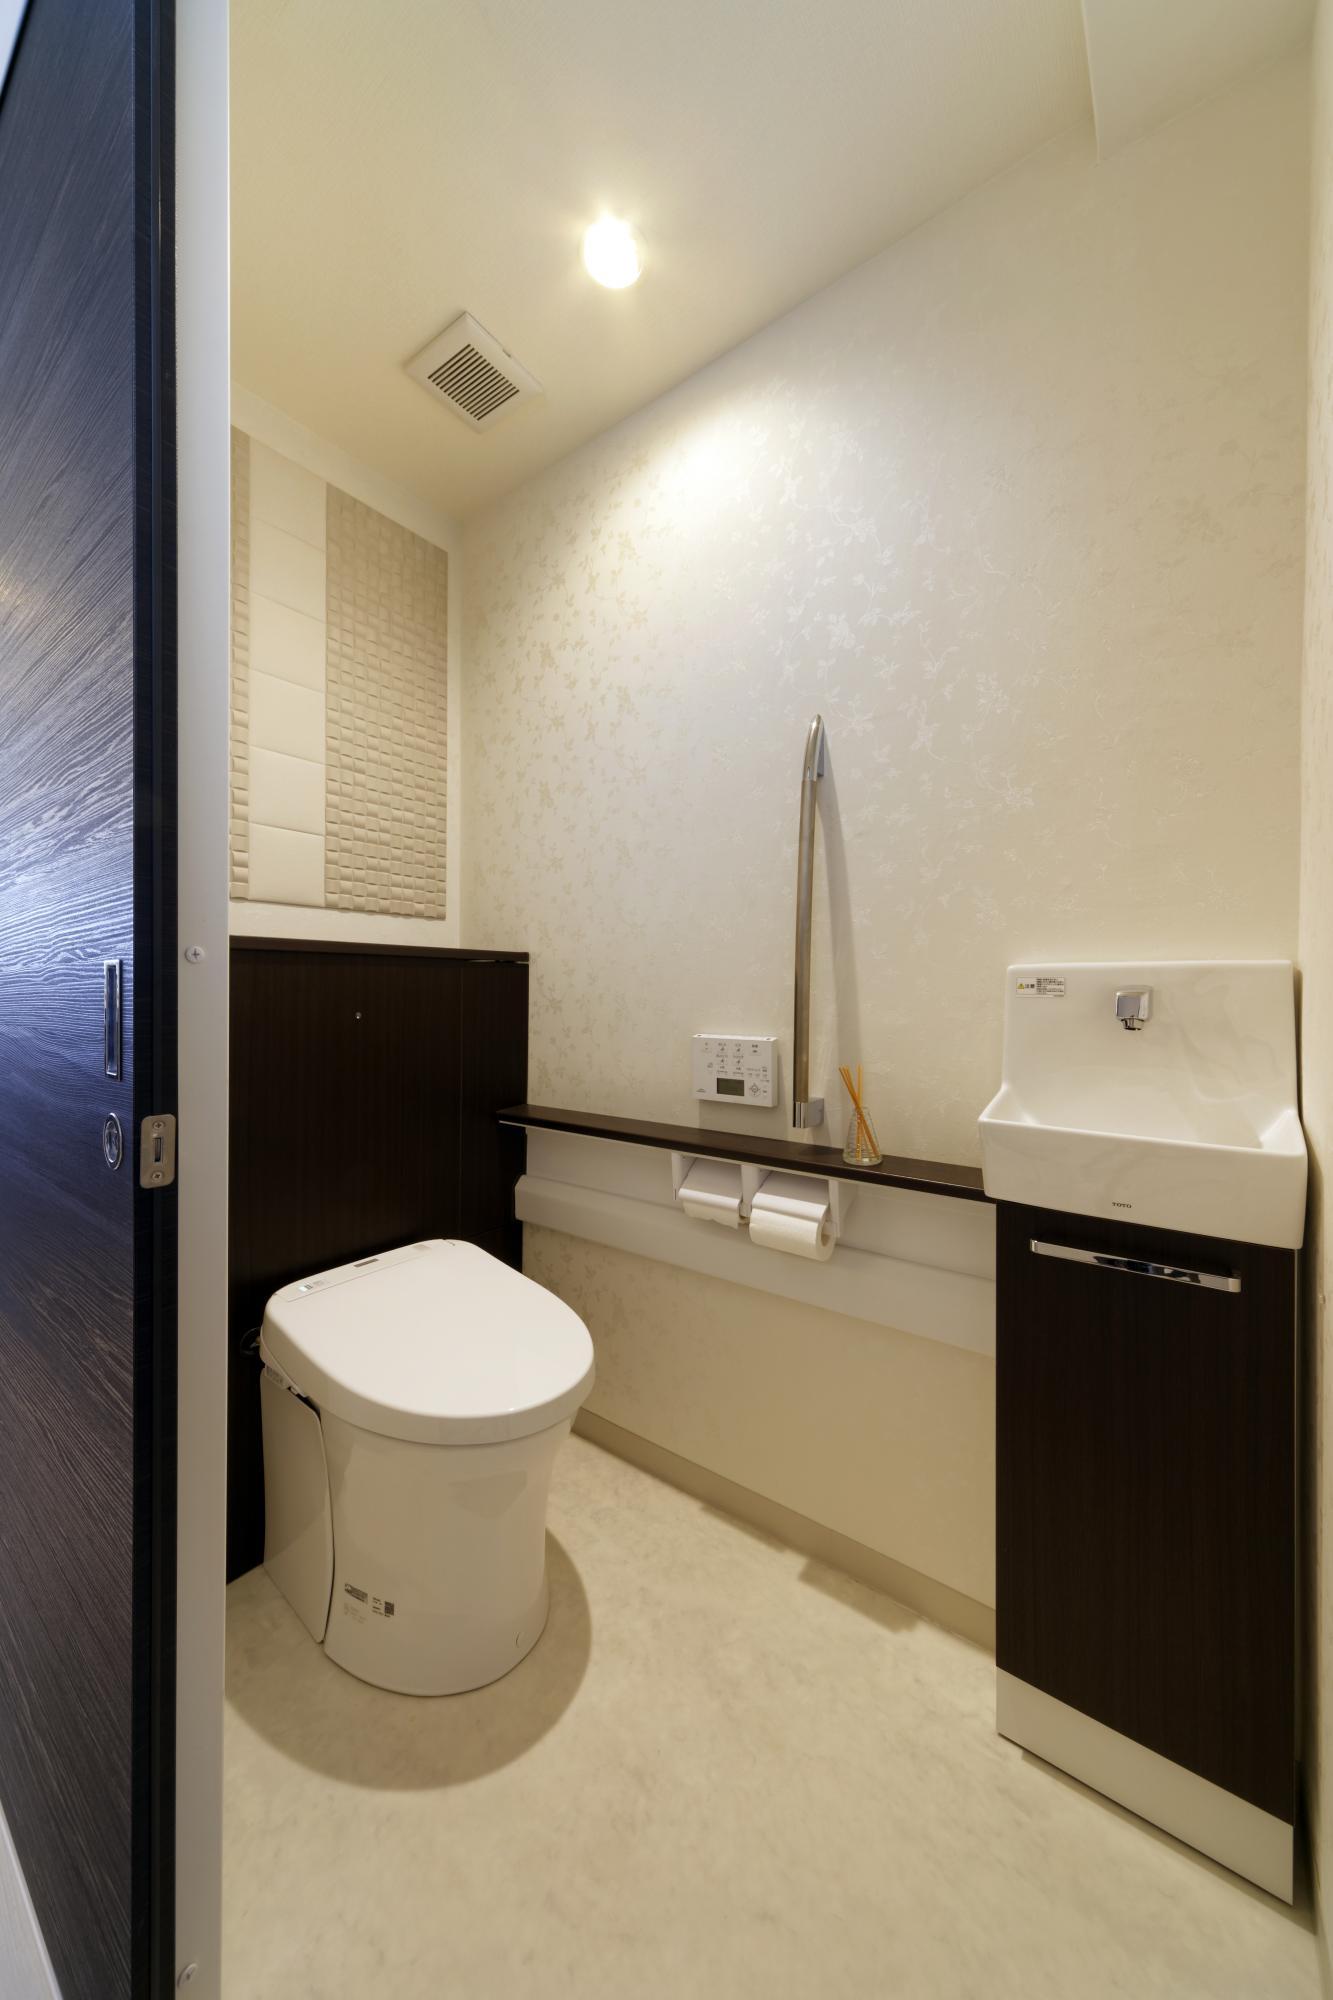 ゆったりとした広さを確保したトイレ。収納も充実。この壁面にもエコカラットを貼った。